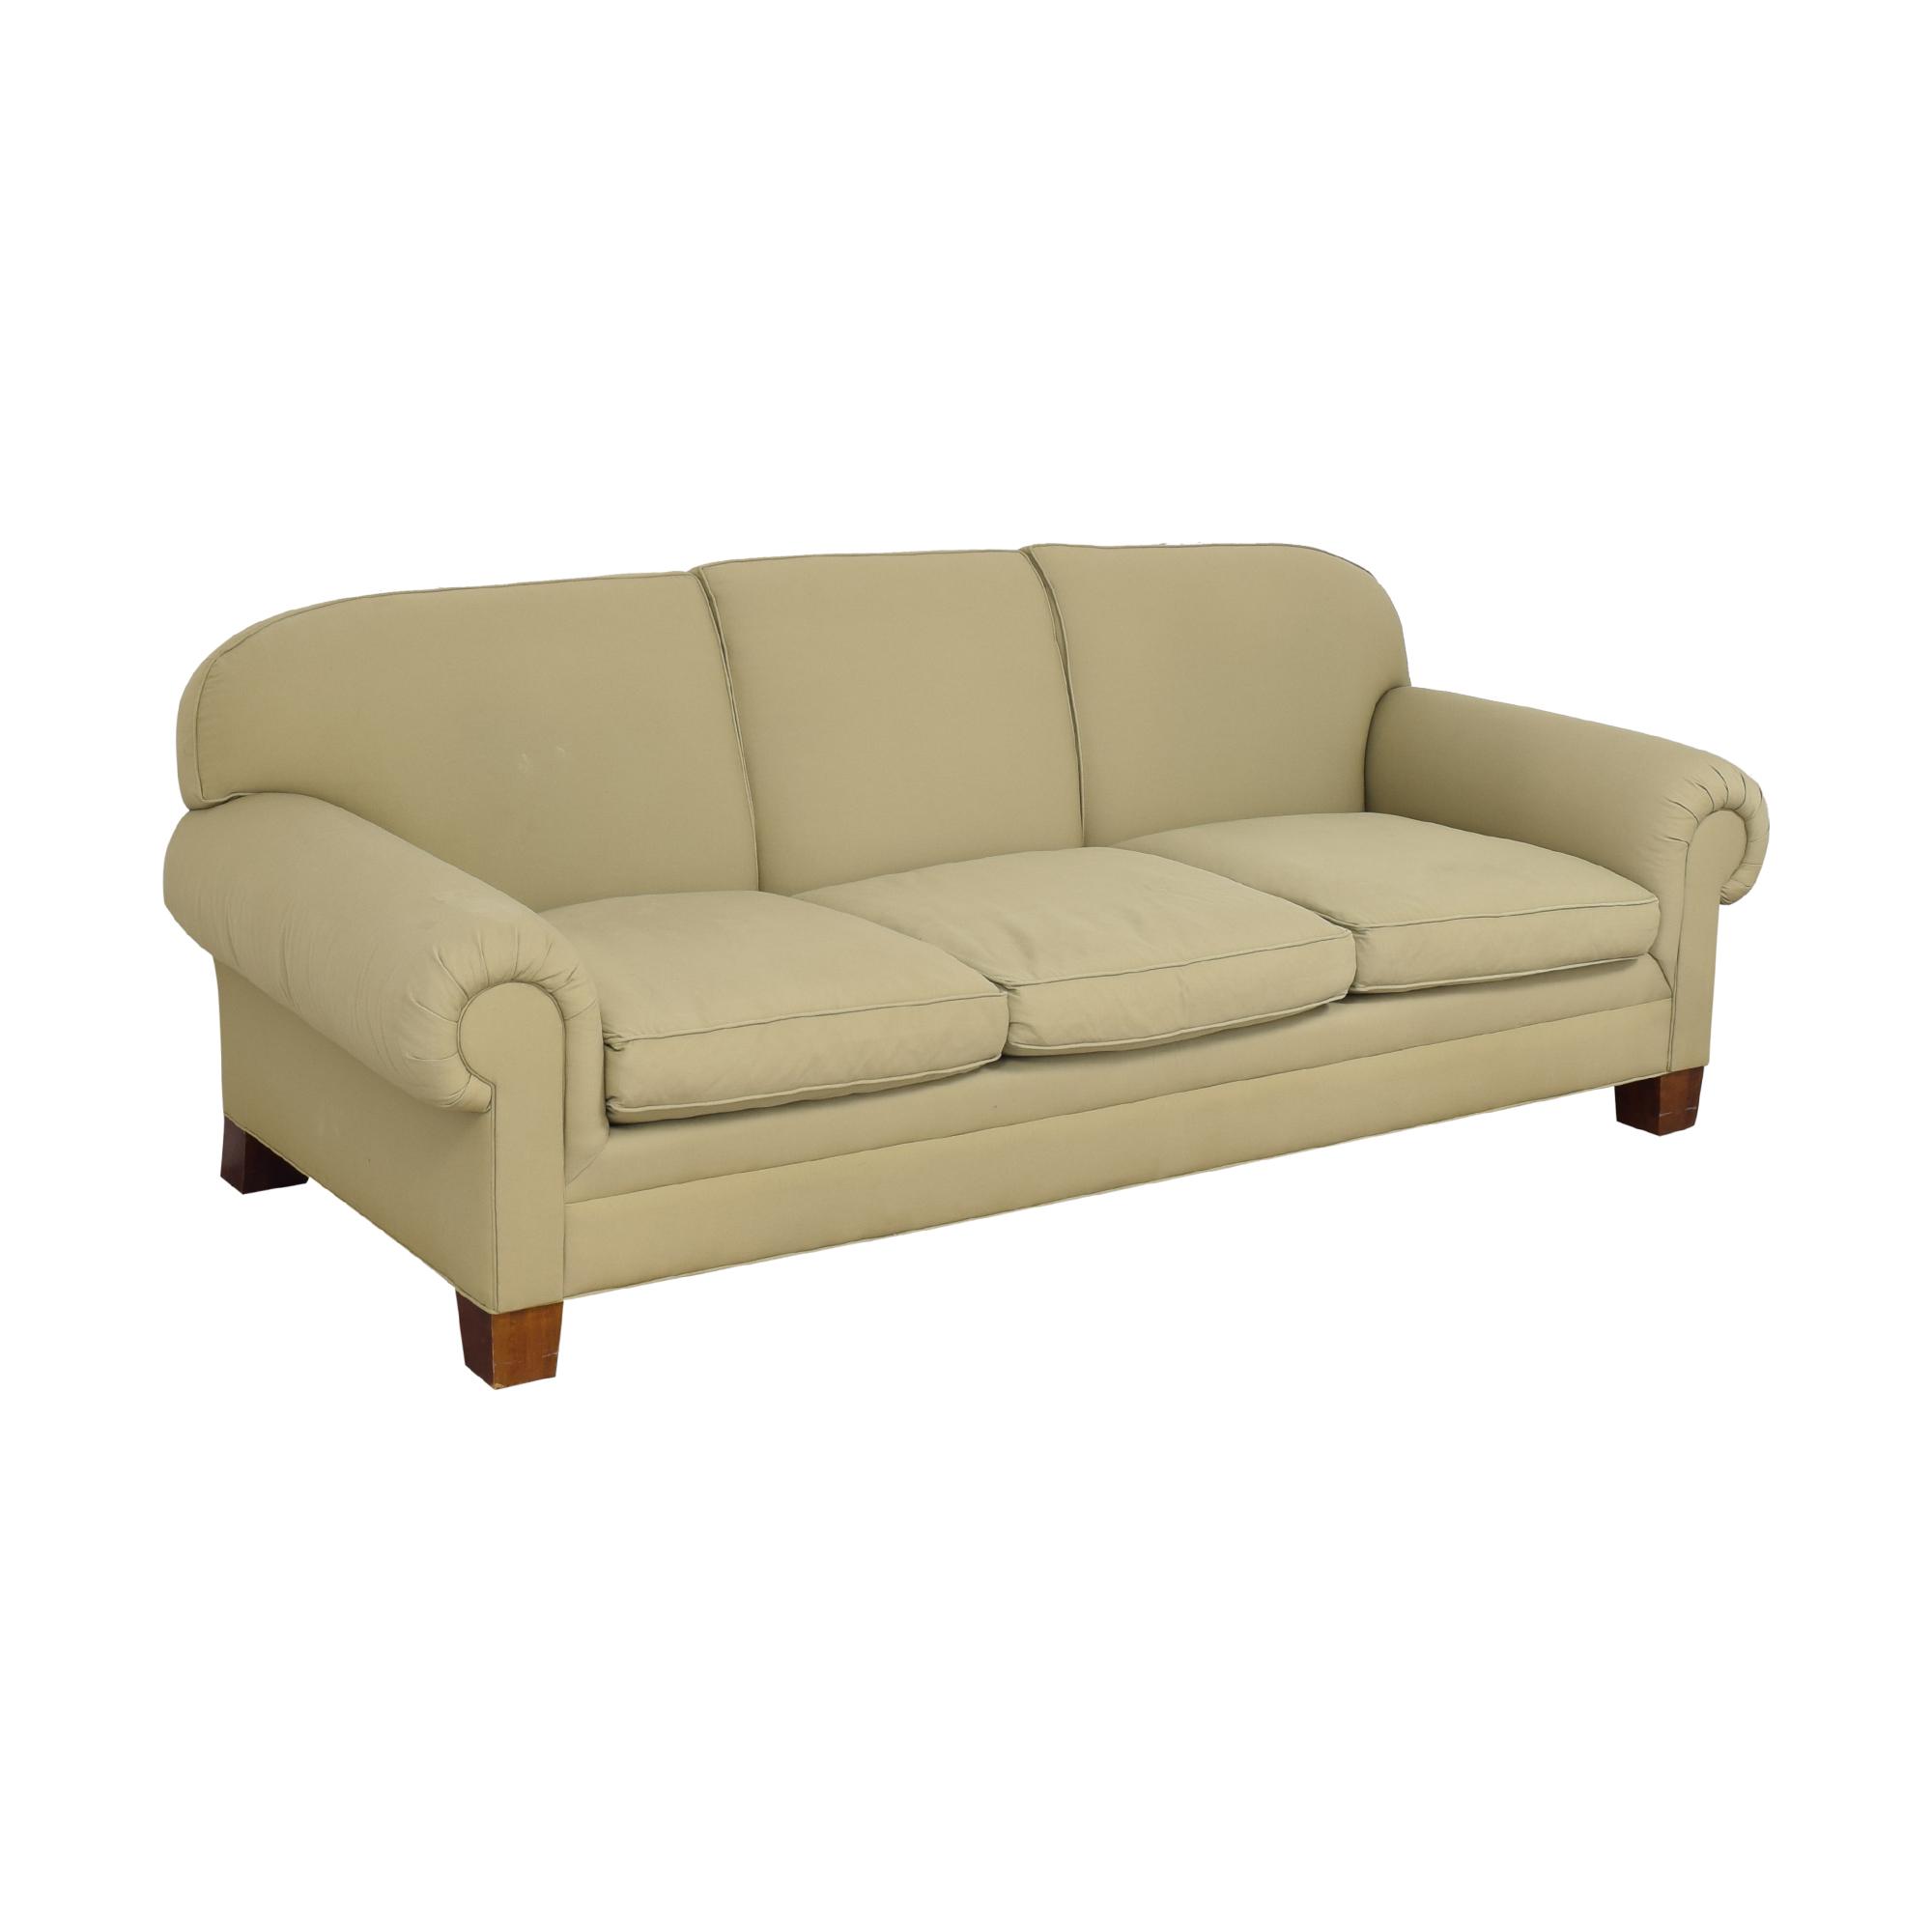 Ralph Lauren Home Ralph Lauren Roll Arm Sofa nyc